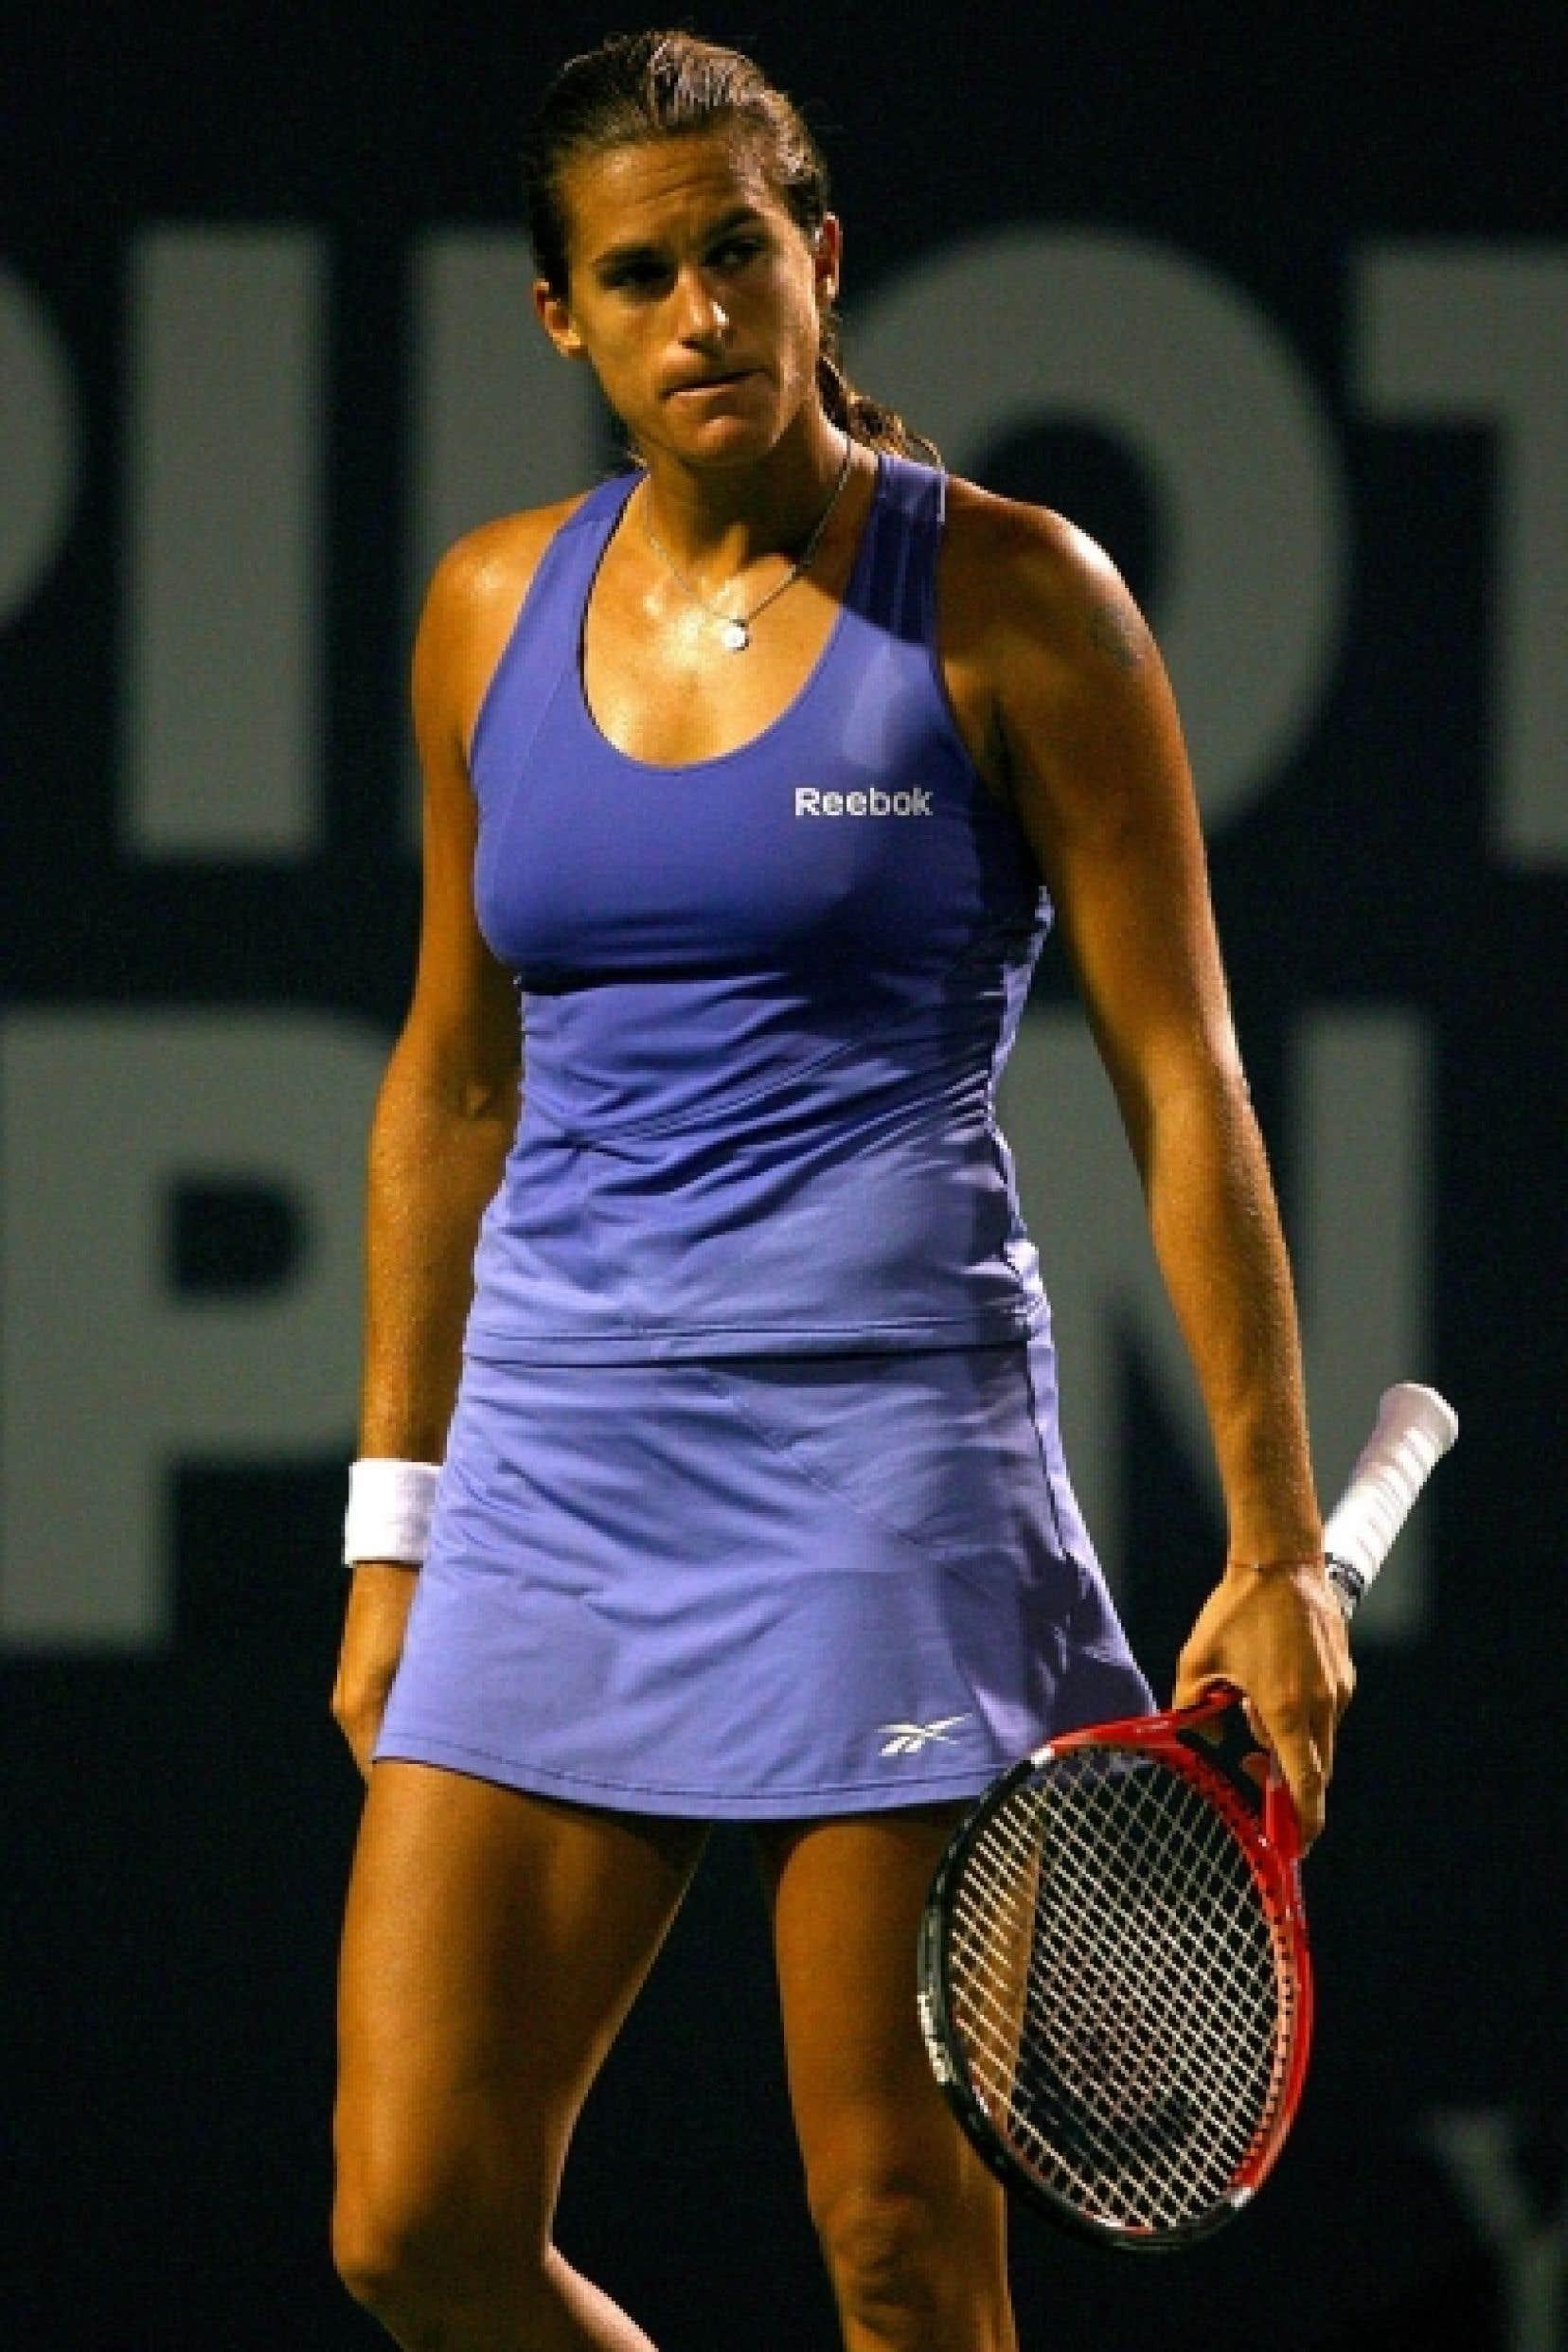 Rare exemple d'athlète ayant fait son «coming out» pendant sa carrière, la joueuse de tennis Amélie Mauresmo a essuyé des critiques d'adversaires, mais a aussi suscité l'admiration. Aujourd'hui à la retraite, elle estime que sortir du placard à 19 ans pendant l'Open d'Australie en 1999, «pour moi et pour mon tennis, c'était la bonne chose à faire»